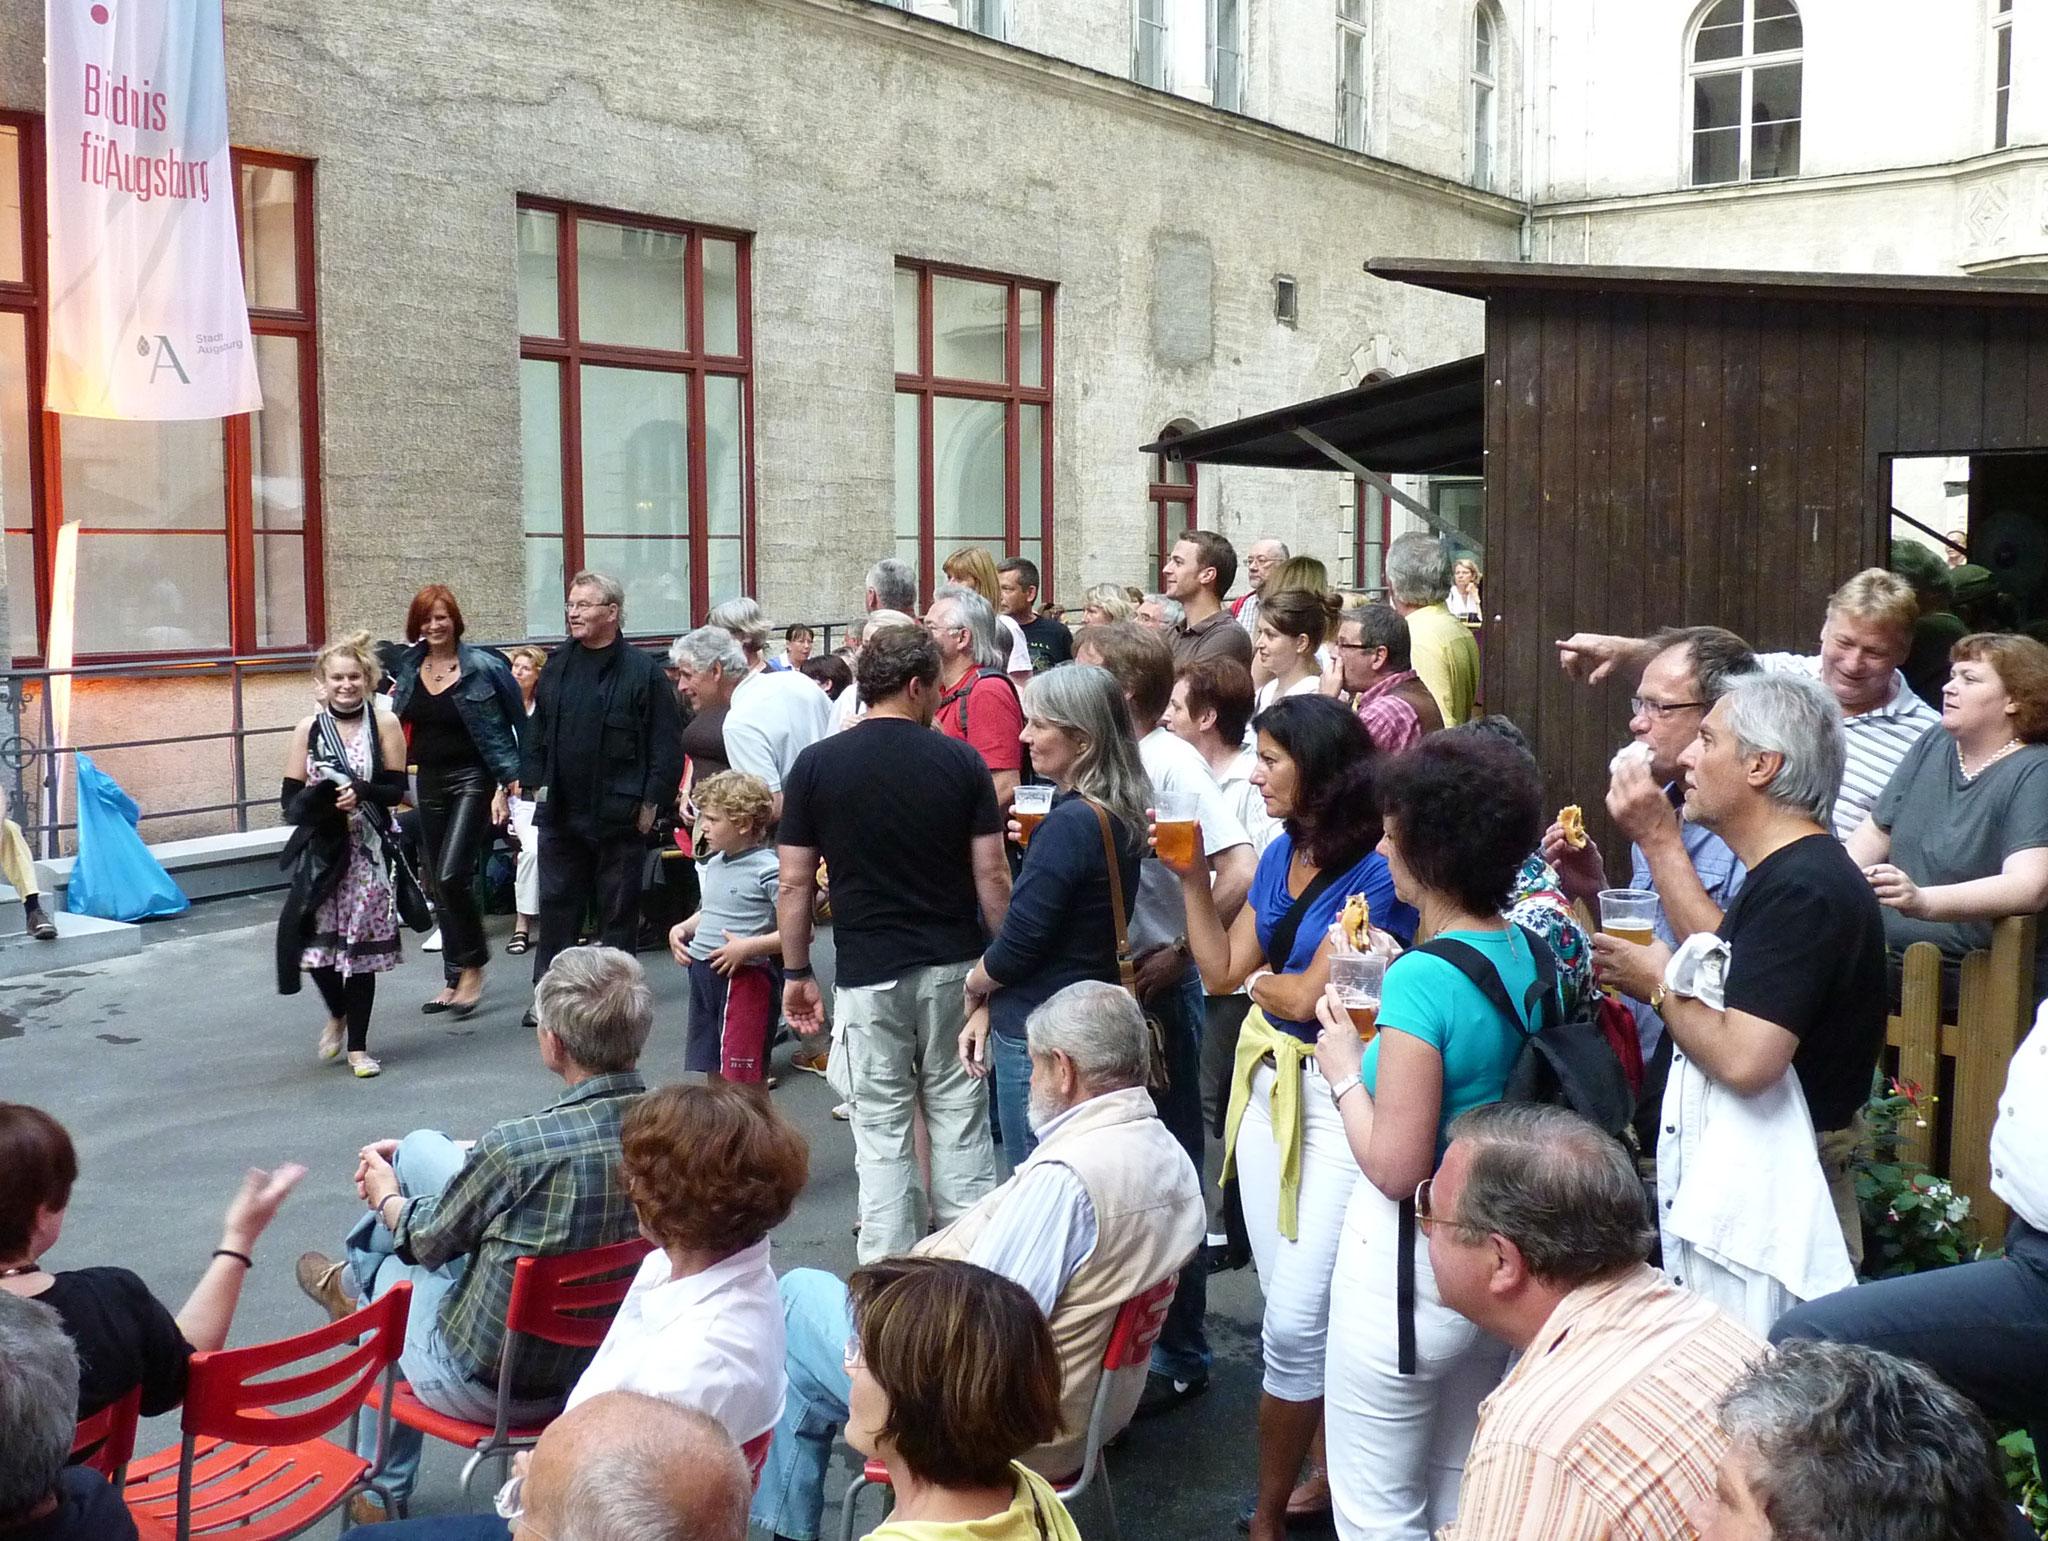 Konzerte im Bürgerhof 25.06.10 - Freiwilligen-Zentrum Augsburg - Foto: Martin Schönberger